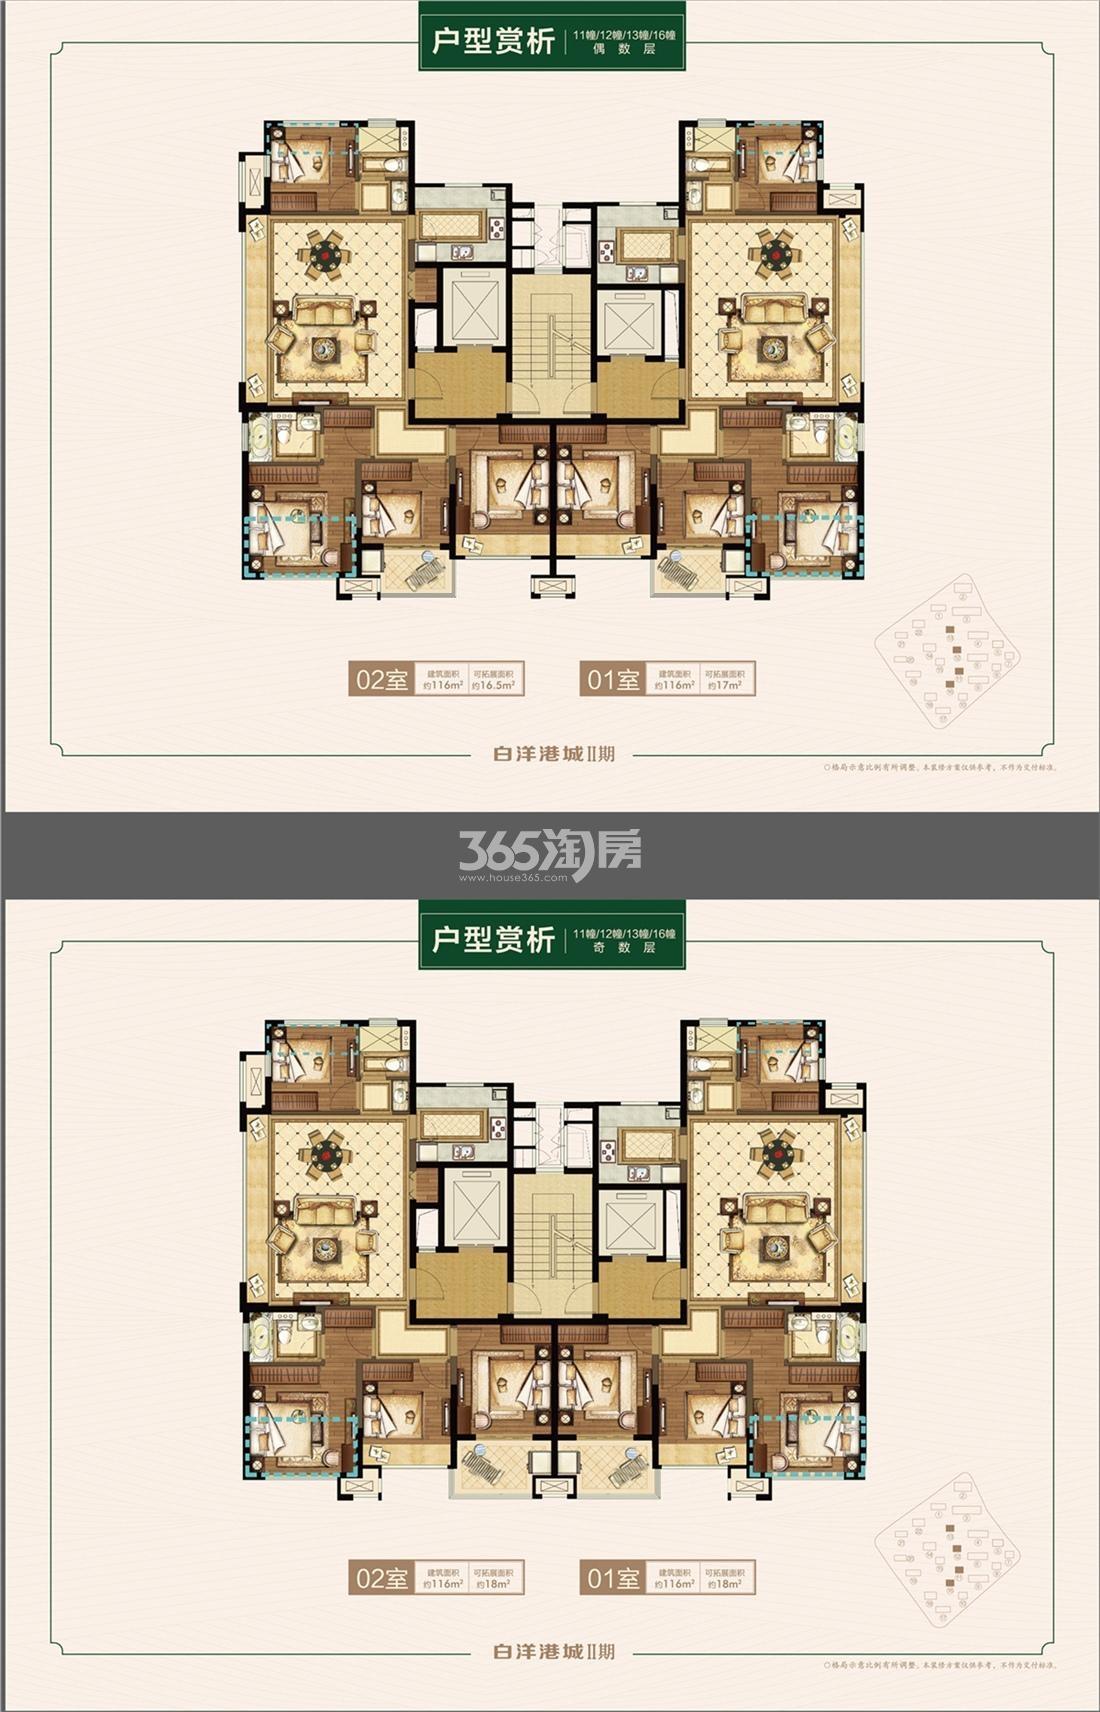 上实海上海(二期)高层12、13、16号楼户型 约116㎡